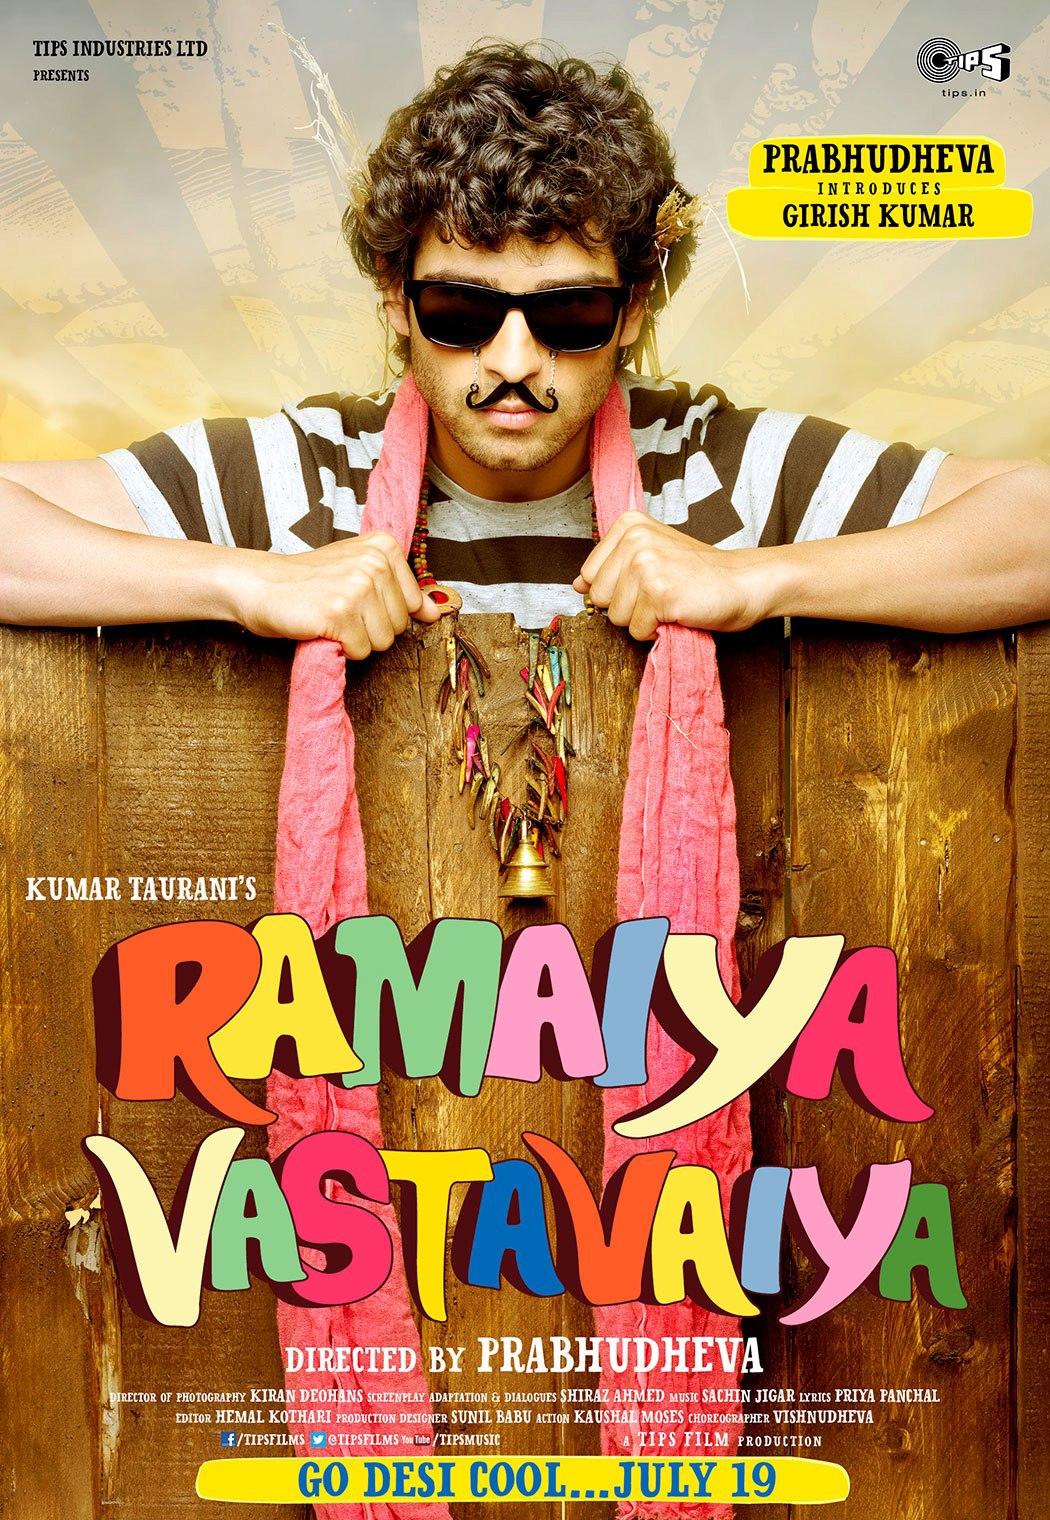 Ramaiya Vastavaiya - Movie Poster #16 (Original)